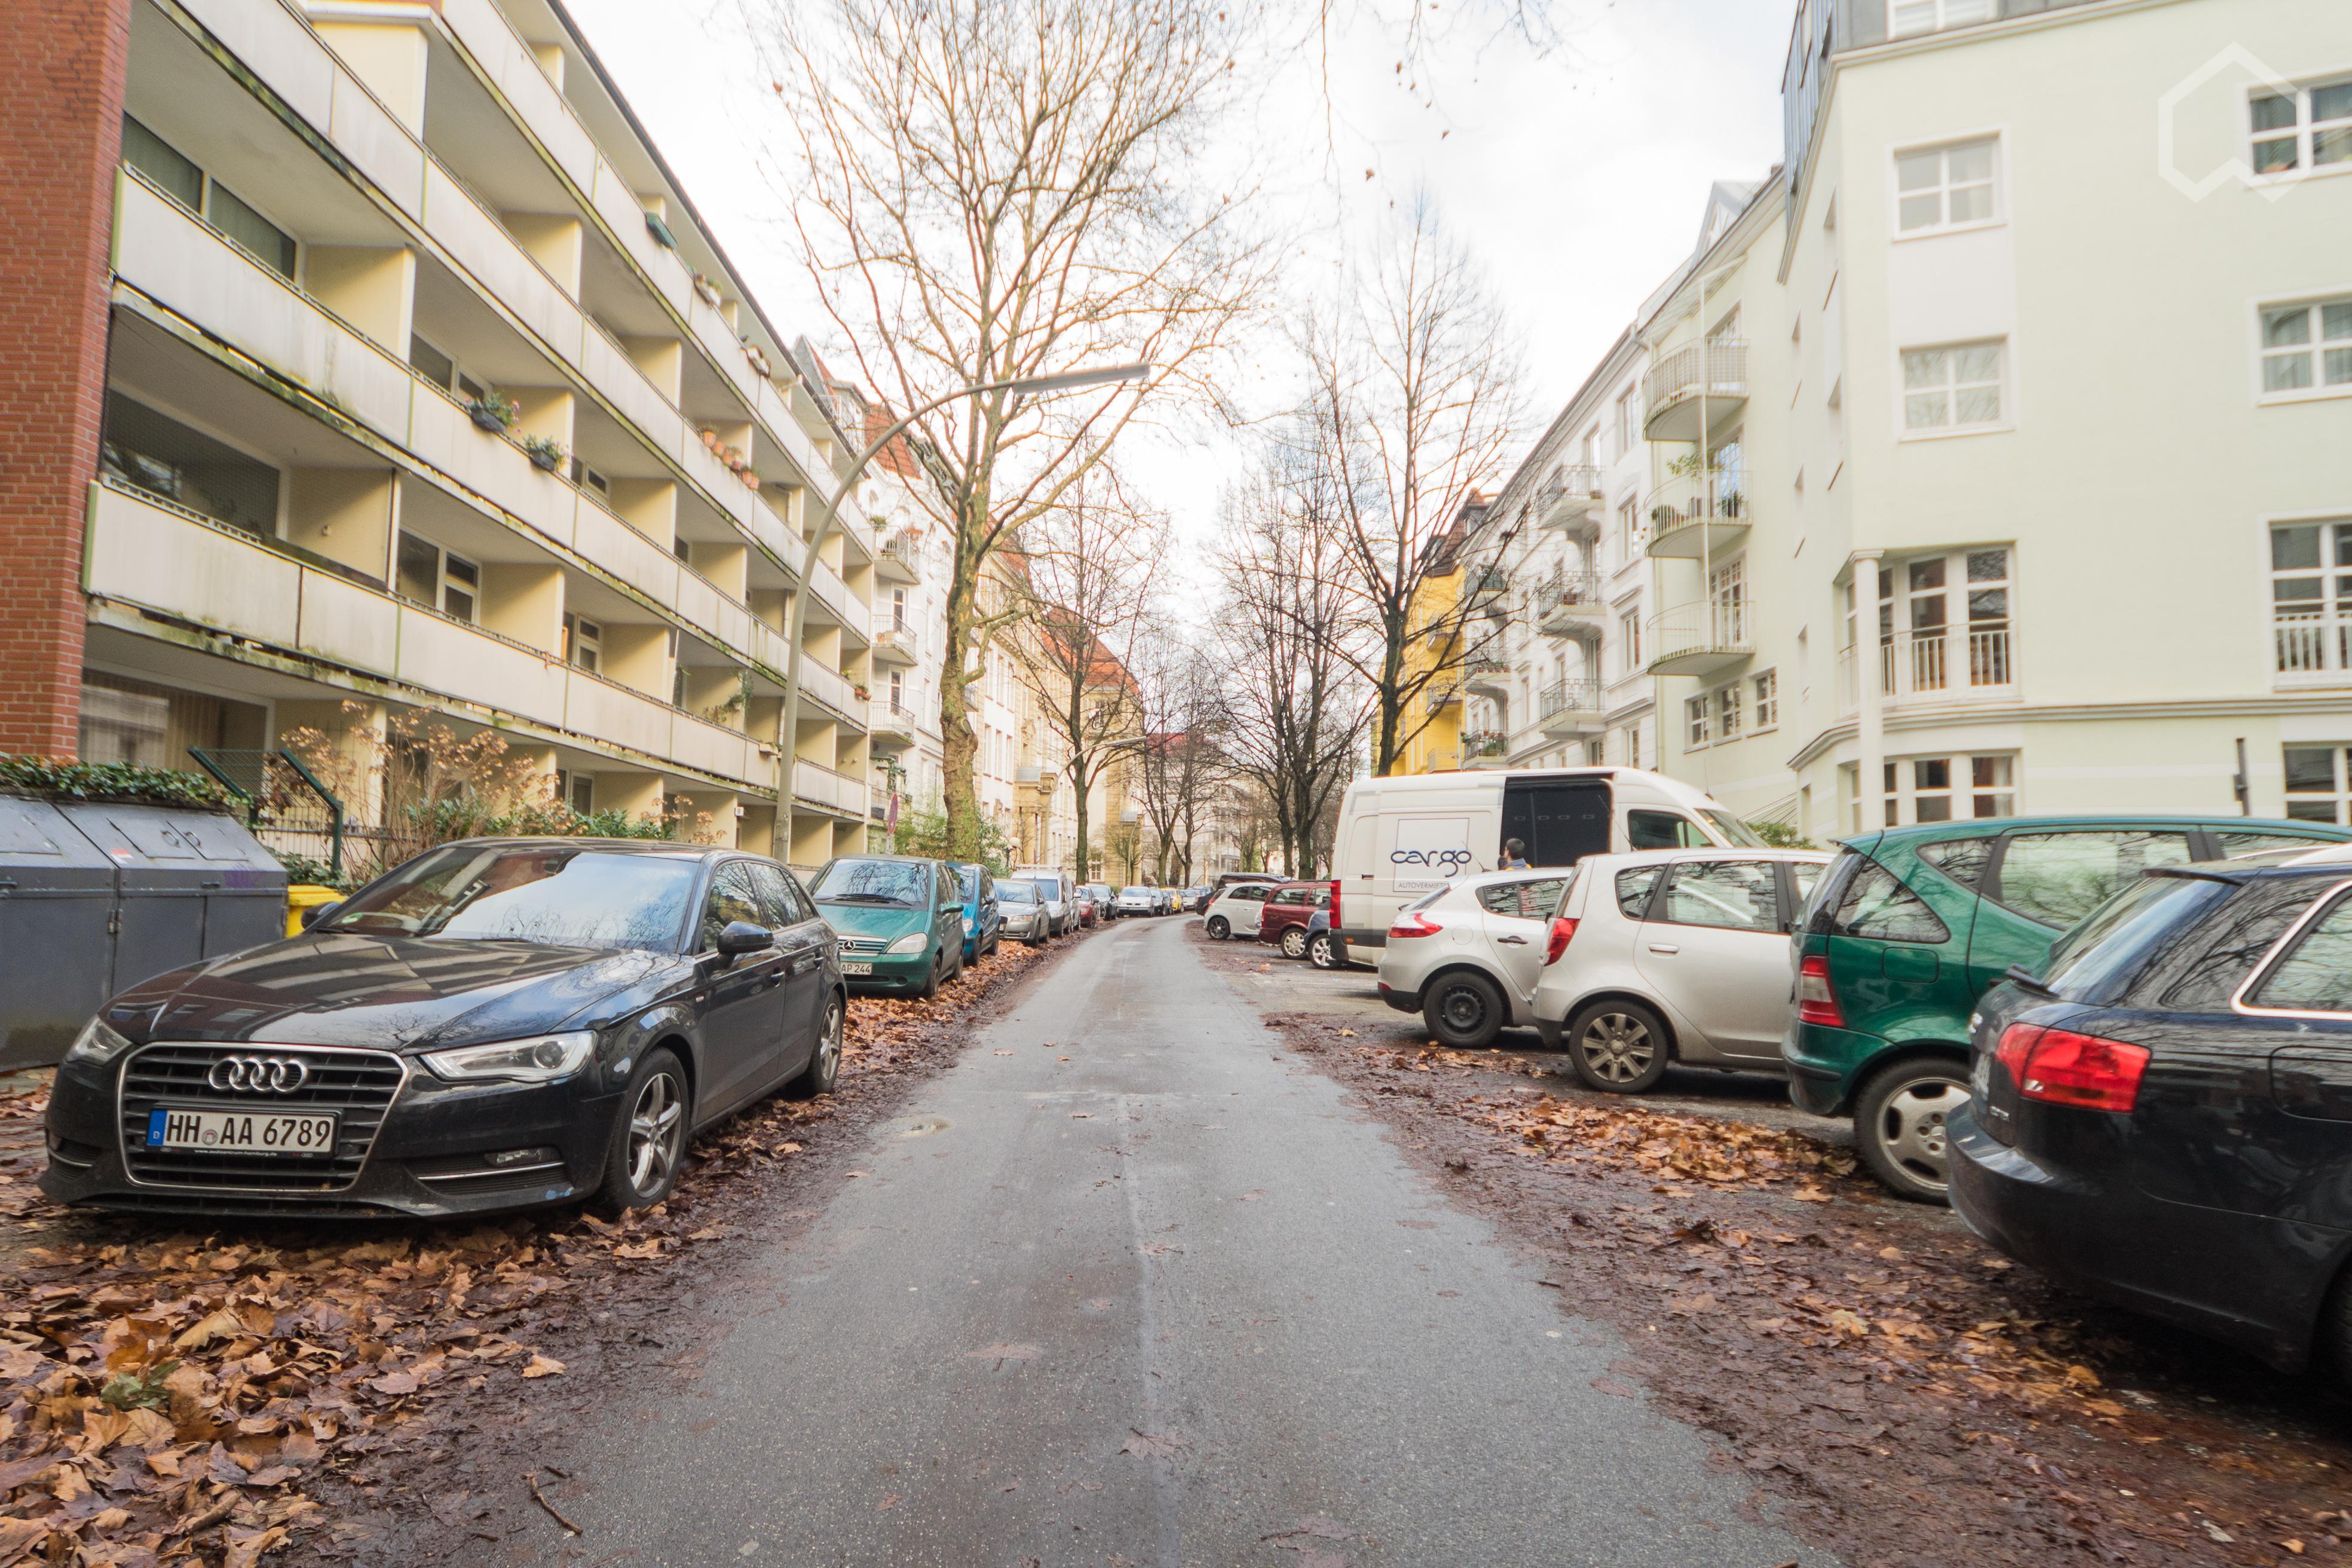 Christian-Förster-Straße